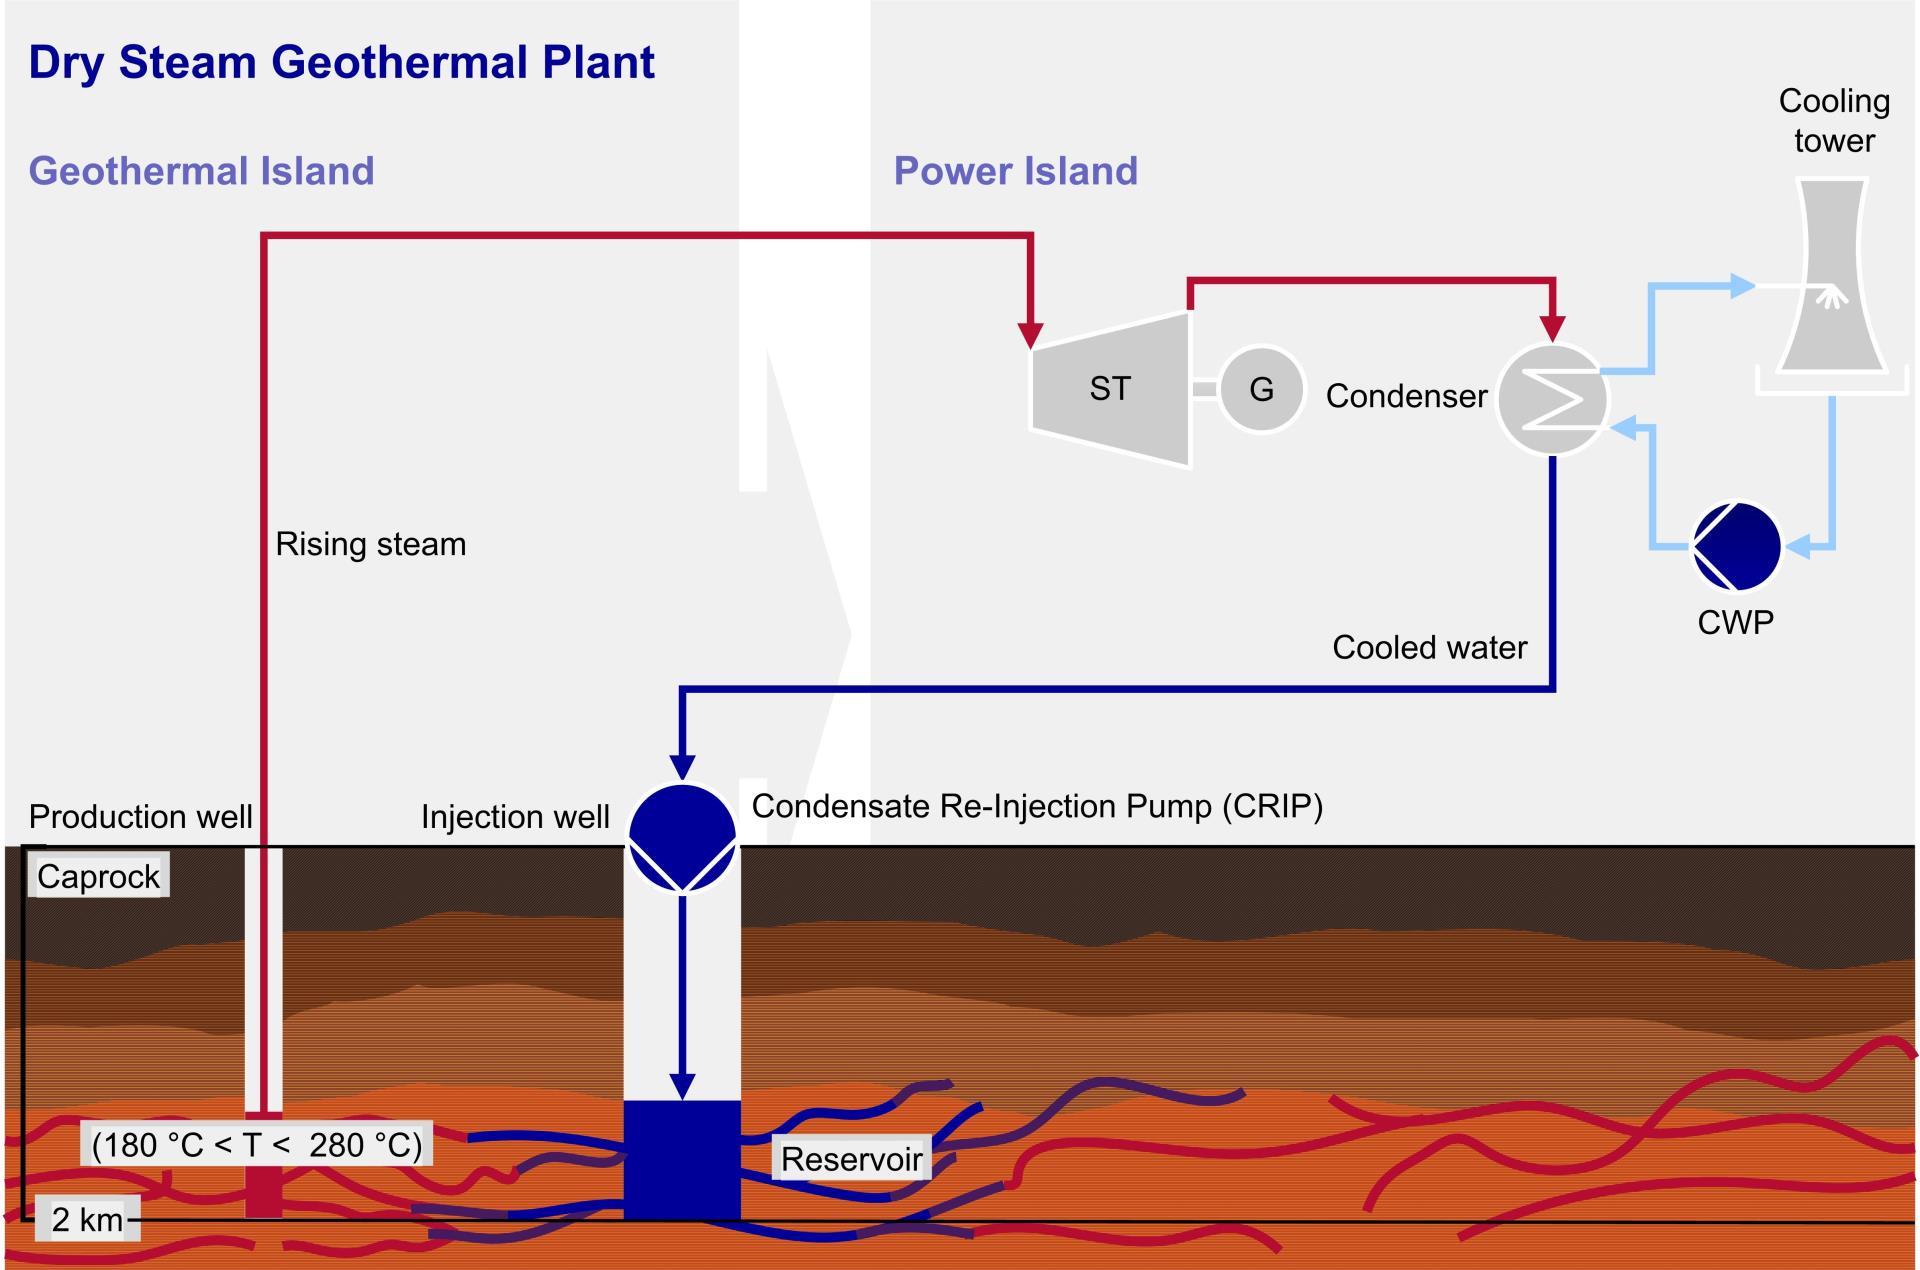 Kühlwasserpumpe(CWP) für Geothermikanlagen | Sulzer